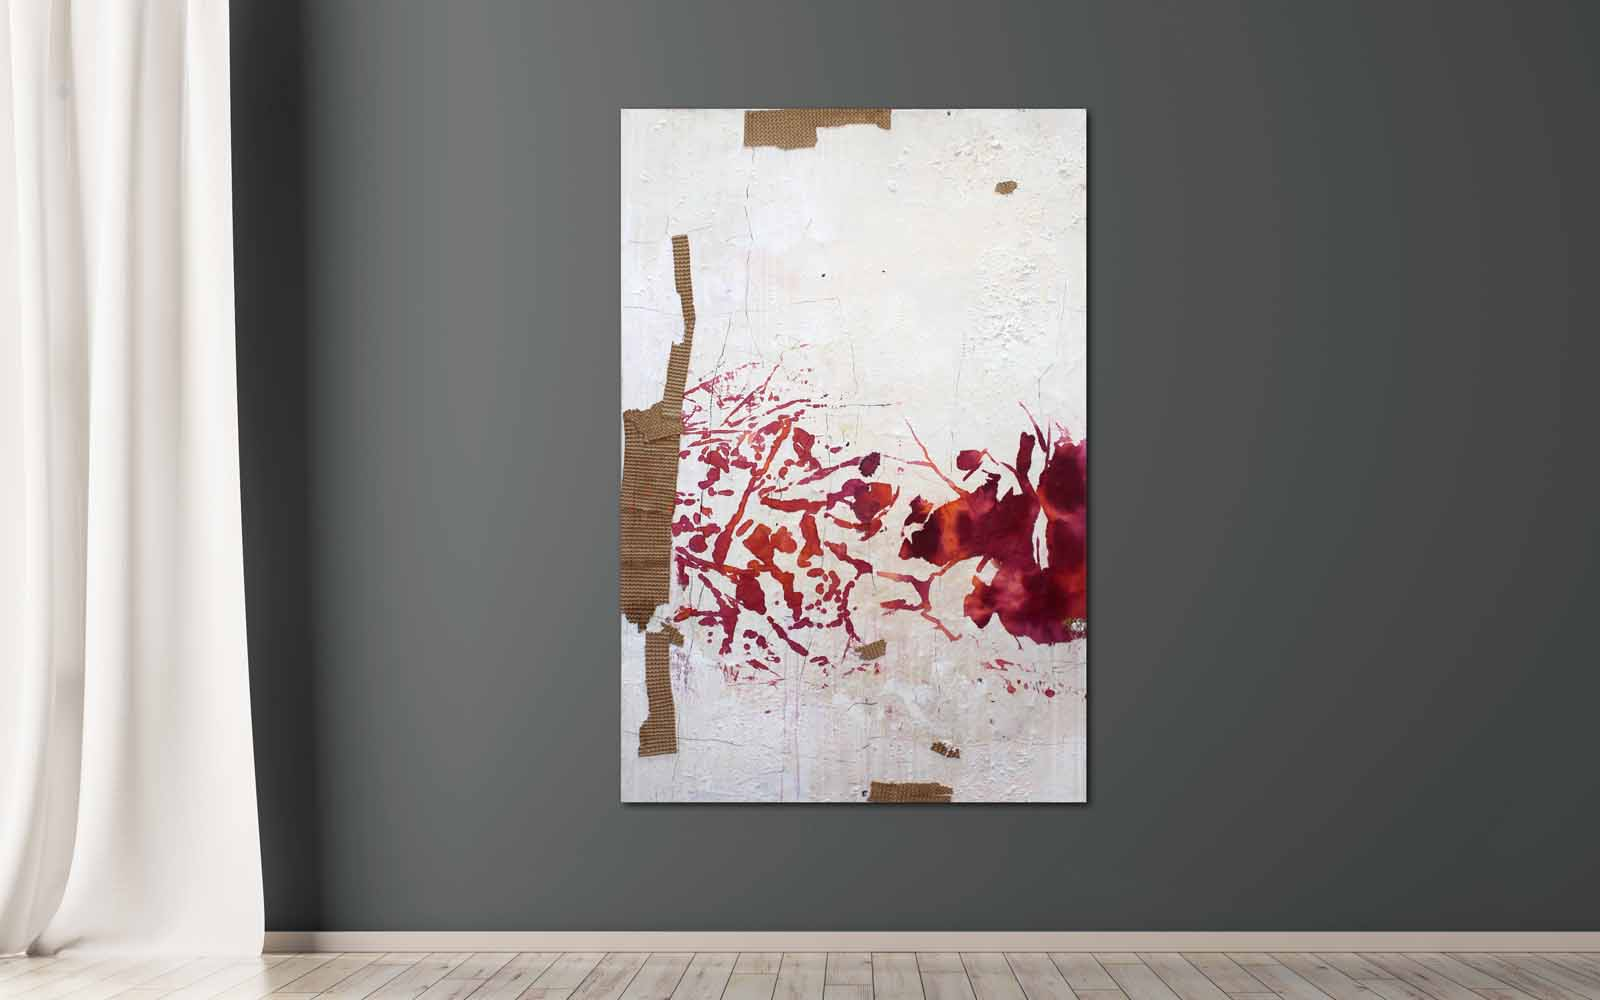 informelle Malerei mit Pigmenten, Papier & Asche auf Holz